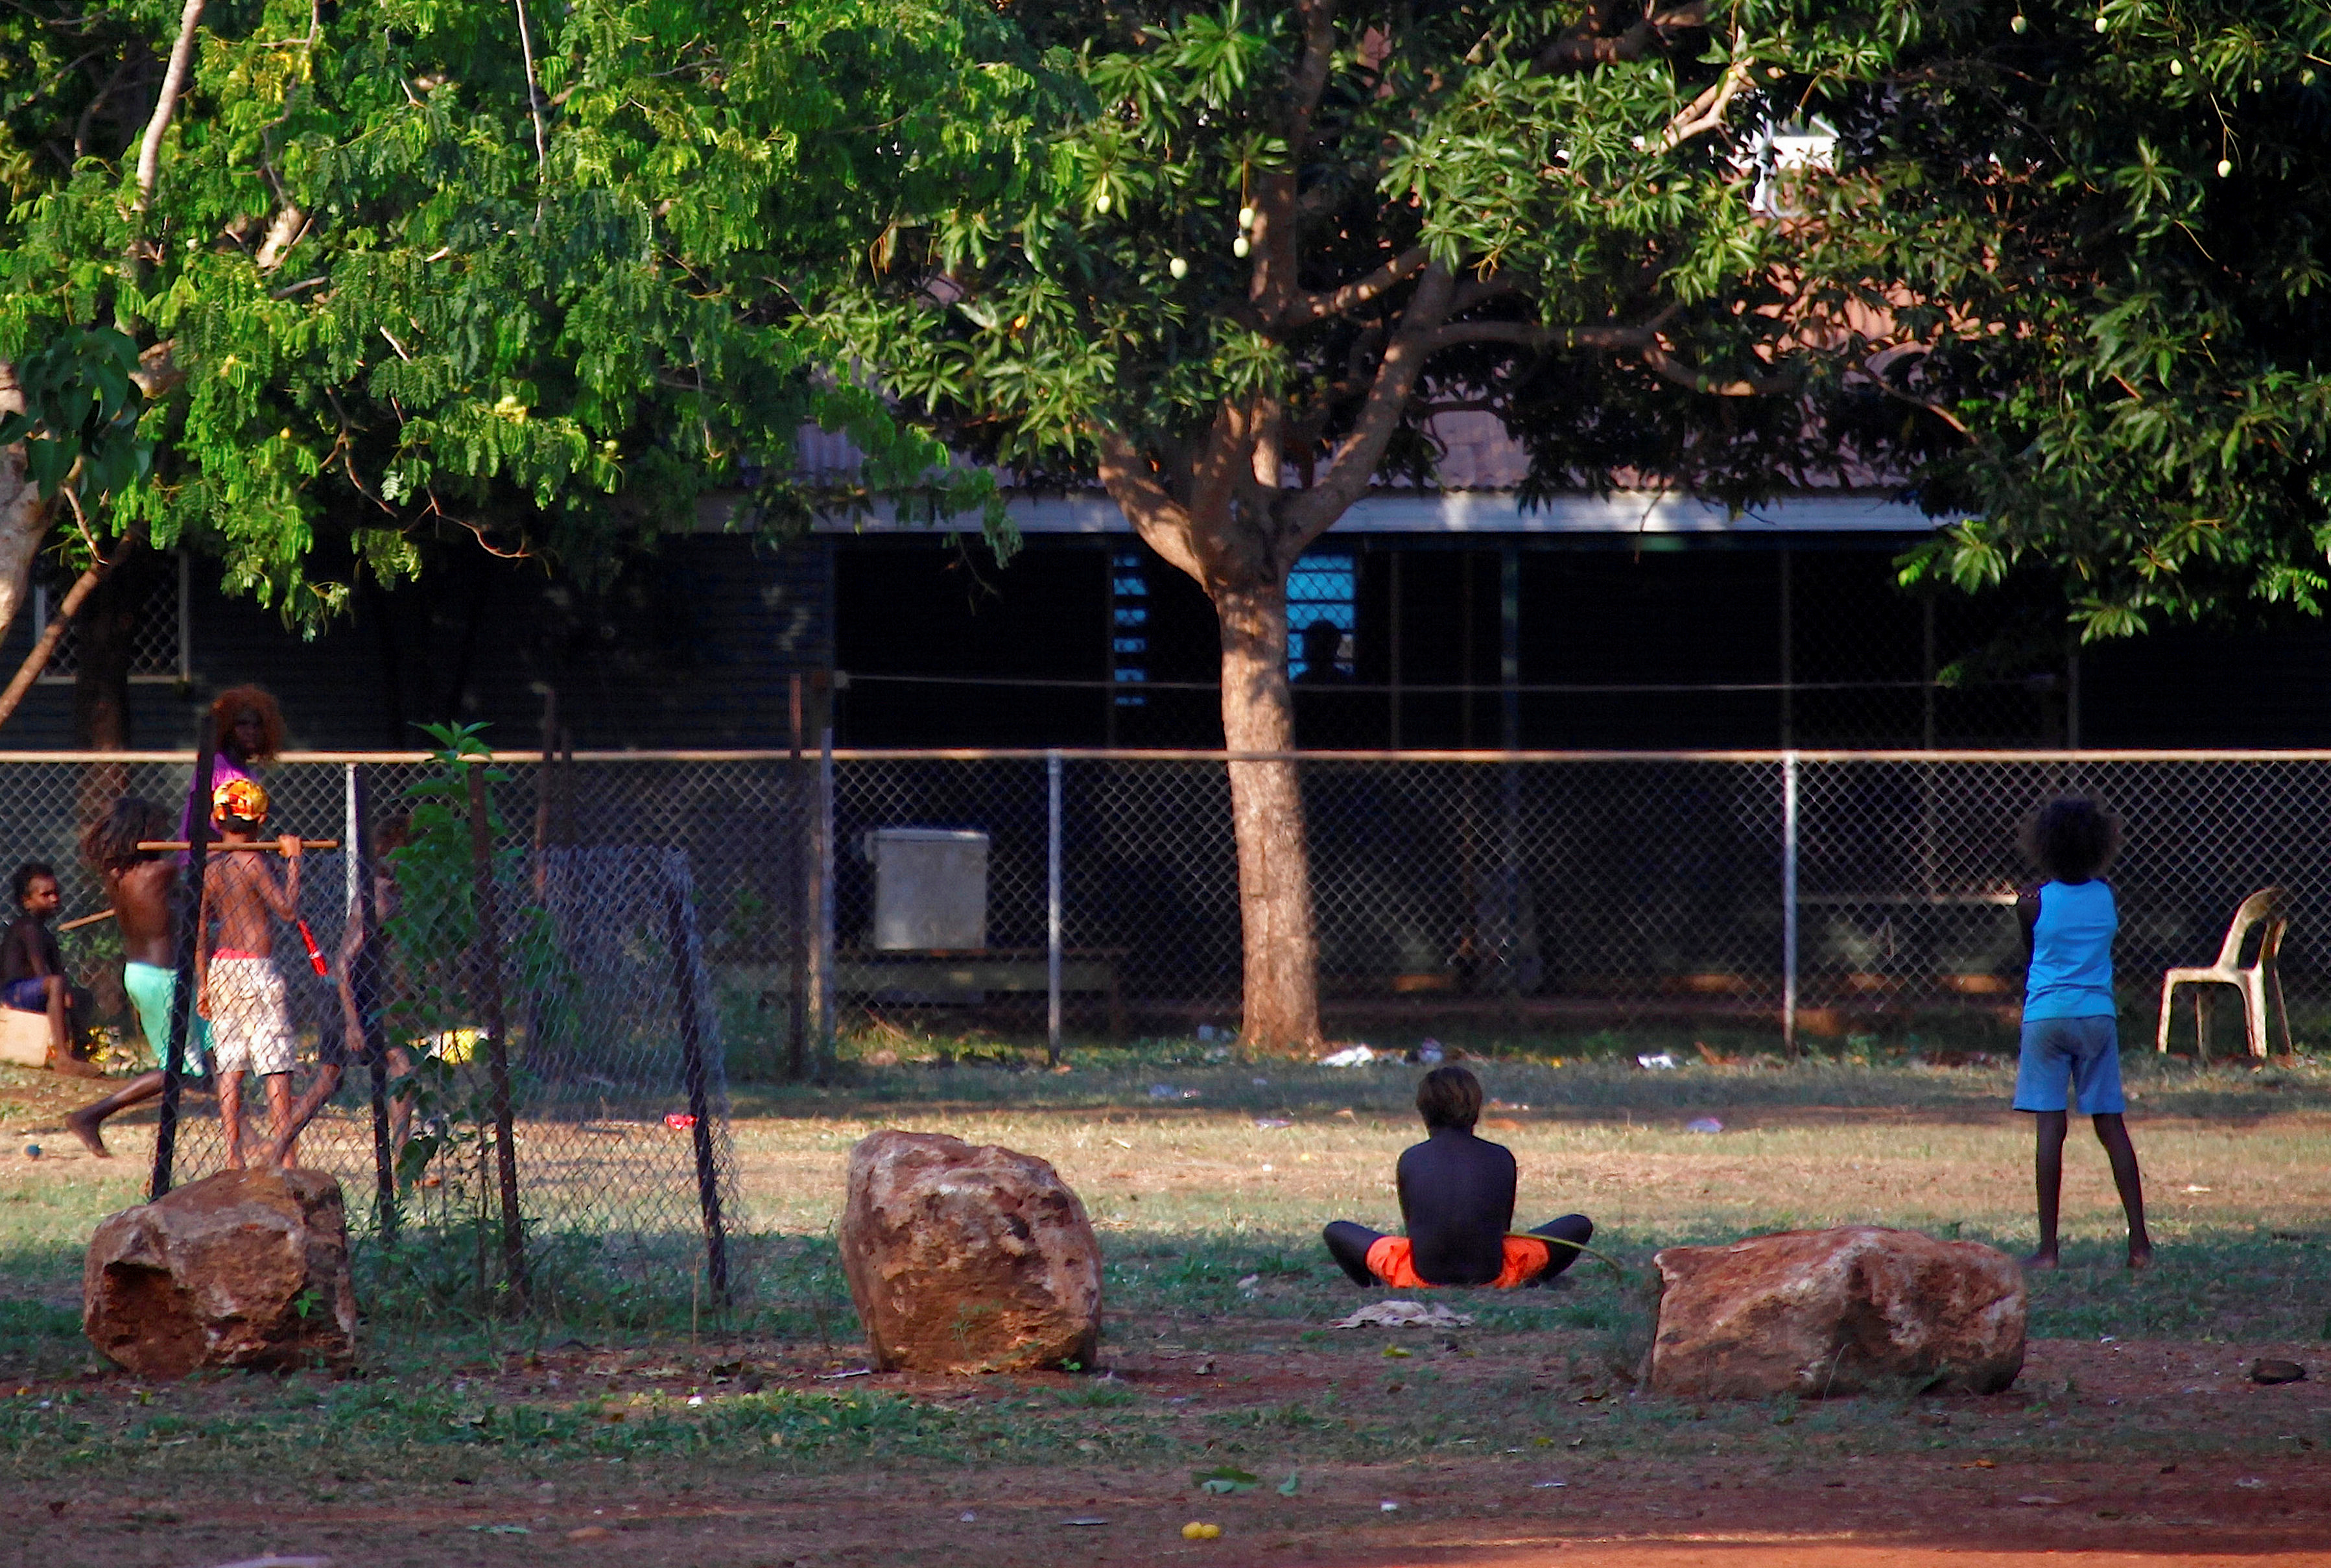 Mitglieder der australischen Aborigines-Gemeinde Ramingining sind in der Nähe ihrer Häuser im East Arnhem Land, östlich der Stadt Darwin im Northern Territory, Australien, am 24. November 2014 zu sehen. REUTERS / David Gray